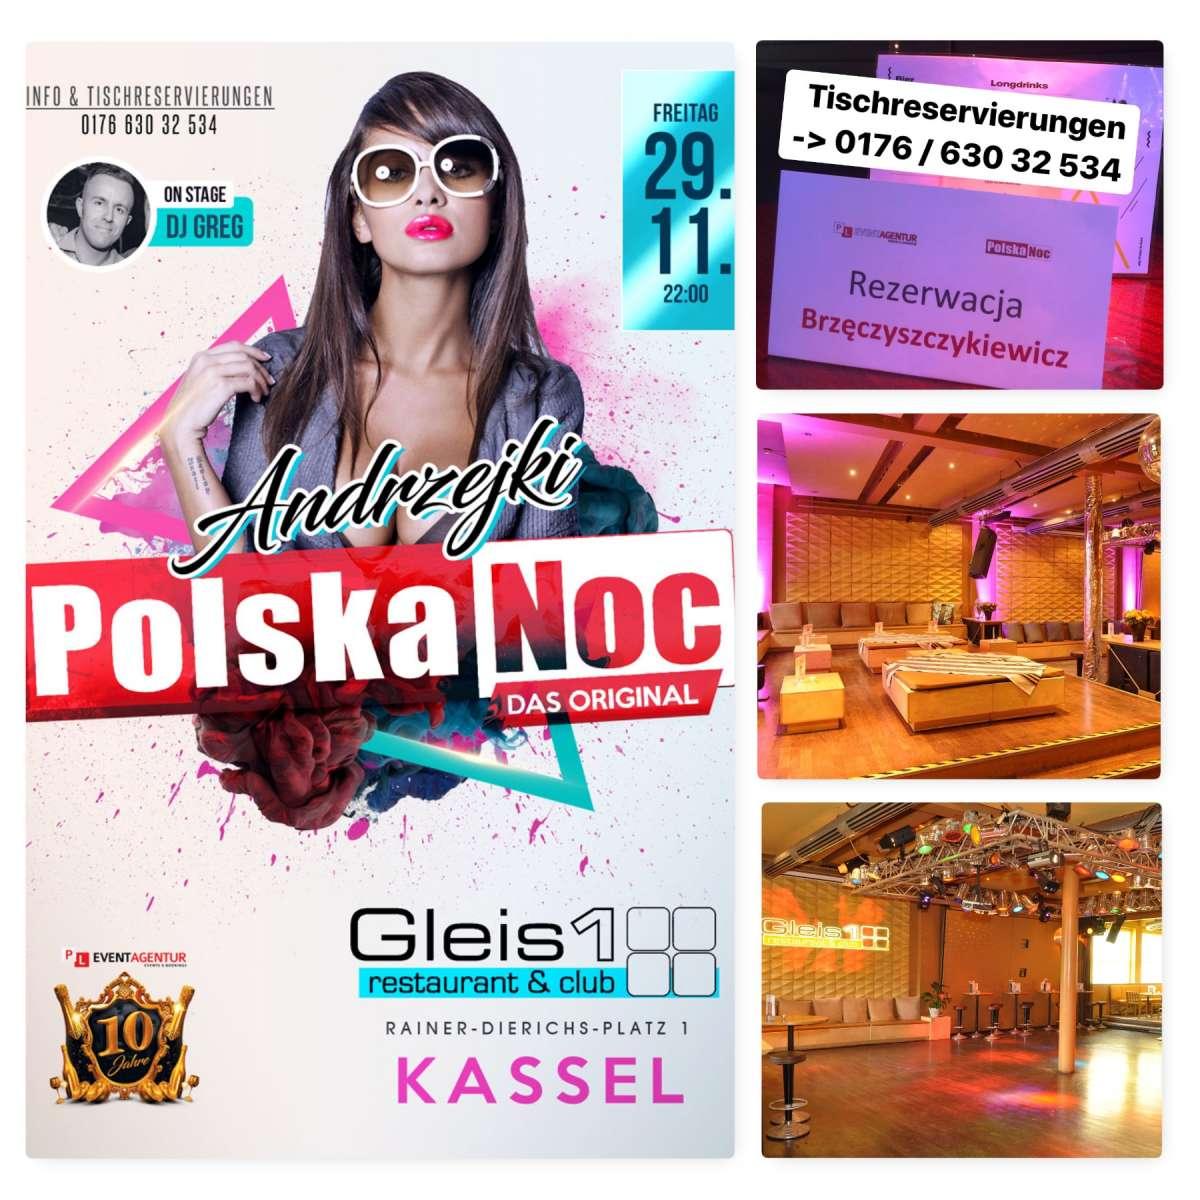 Polska Noc - Andrzejki 2019 - DJ Greg - Gleis 1 - Kassel